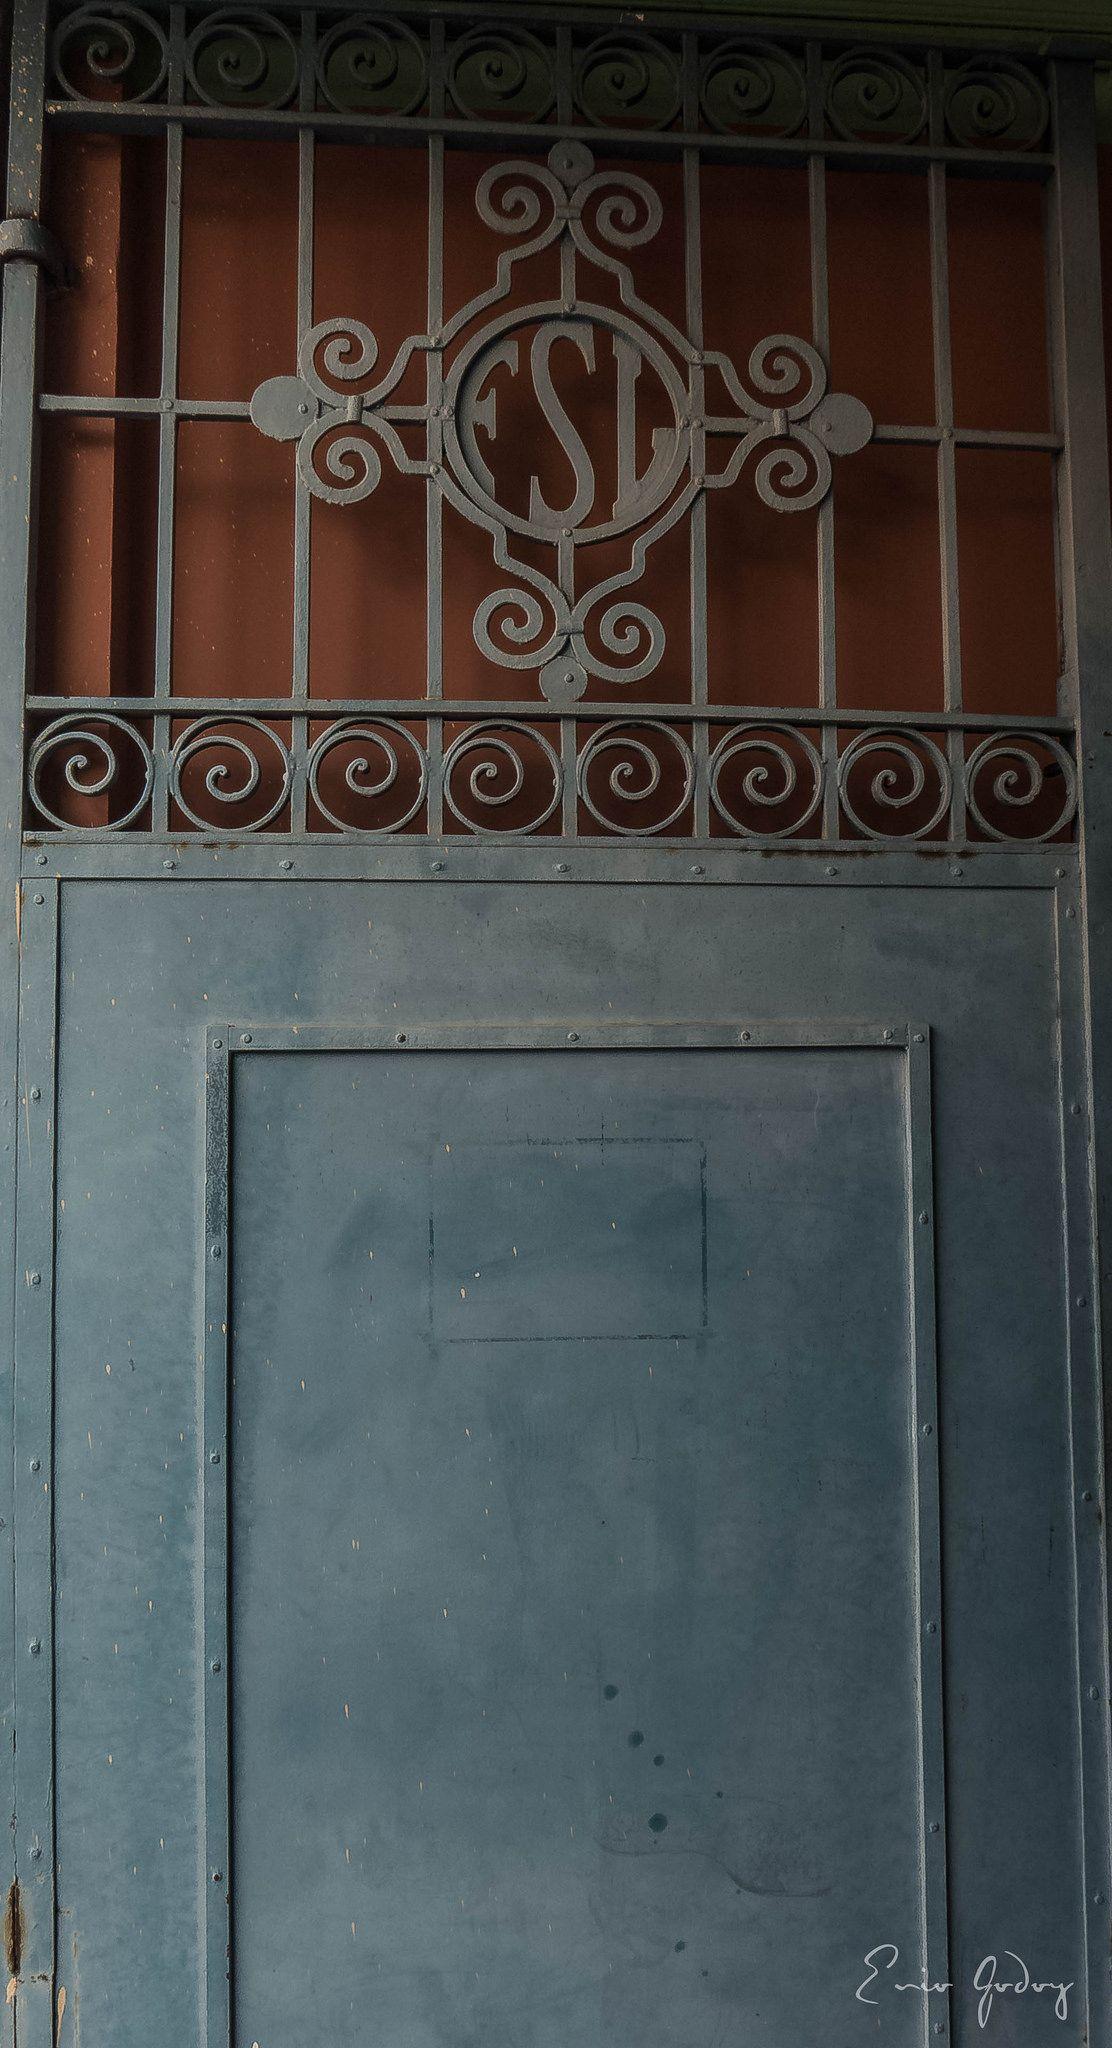 https://flic.kr/p/yp1pSy | Gateway - FSL - #gateway #details #minimalist #travel #ituspaulo #itu #leica #leicadlux6 #geometric